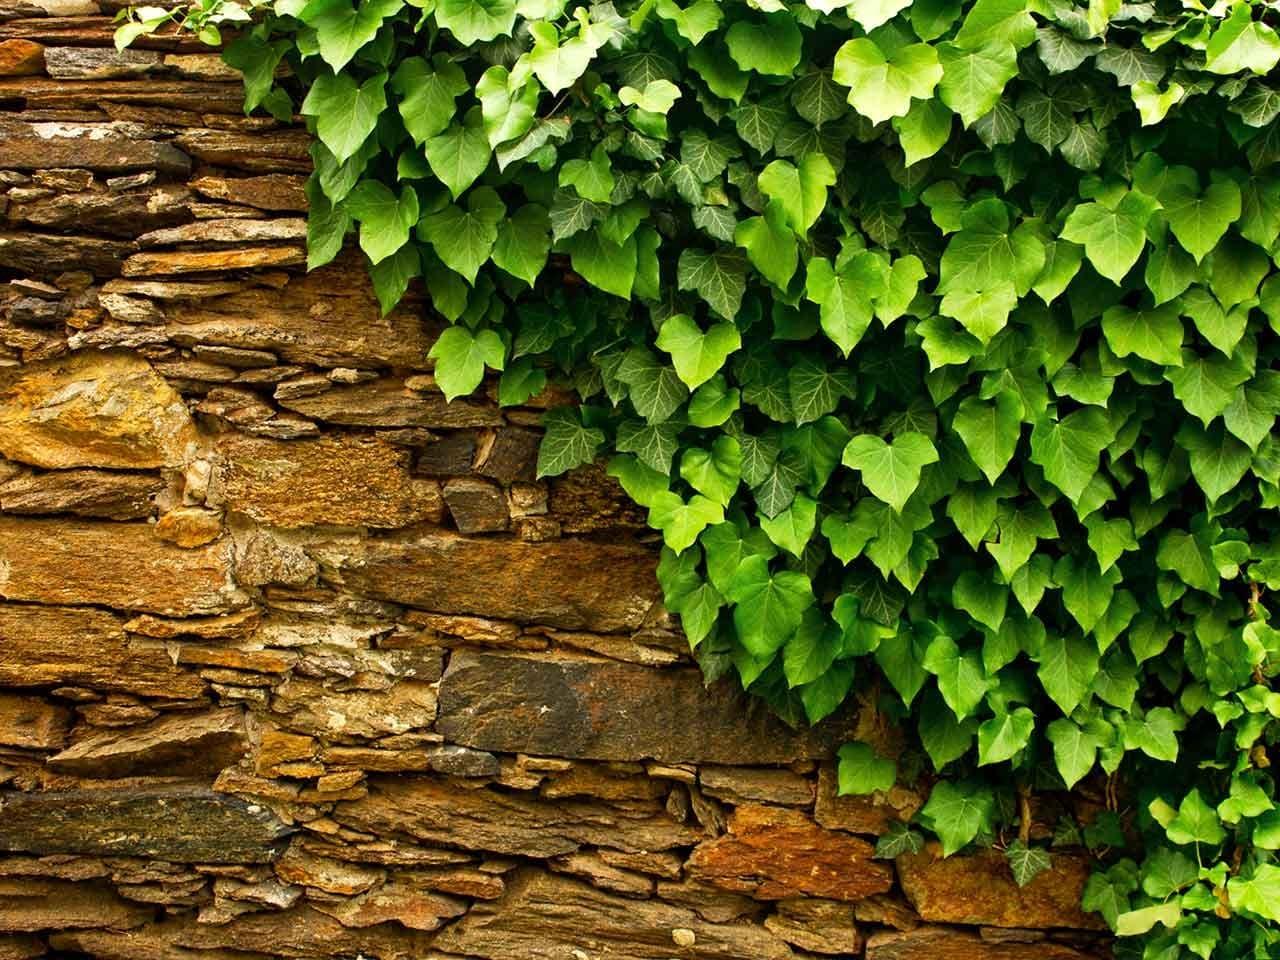 Плющ садовый вечнозеленый - размножение, посадка и уход